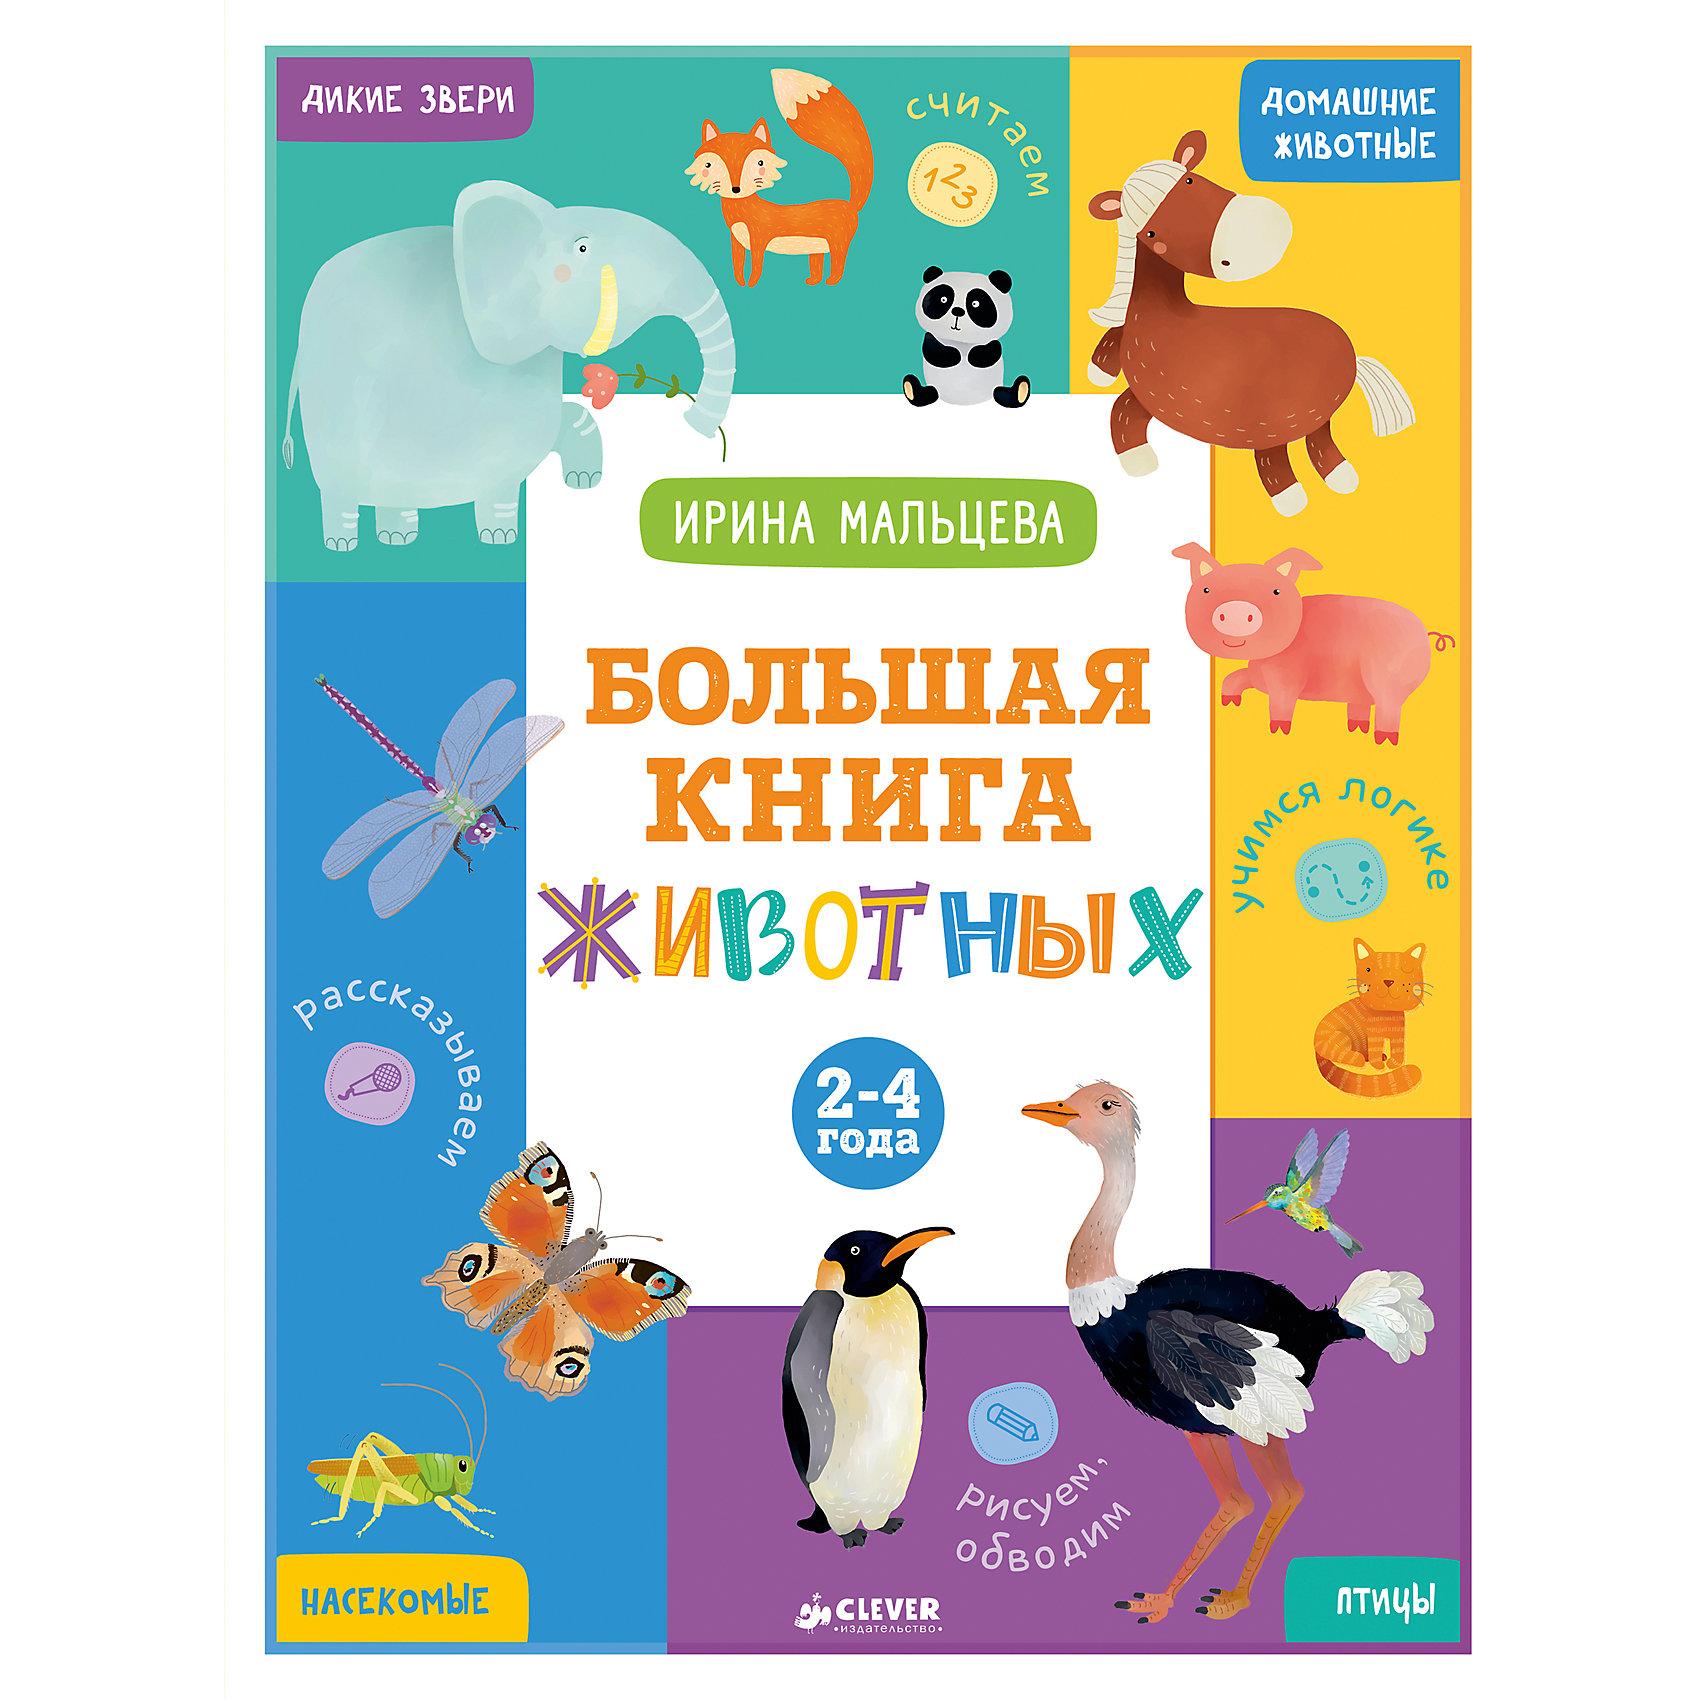 Большая книга животных (2-4 года), И.В. МальцеваЭнциклопедии для малышей<br>Большая книга животных (2-4 года), И. Мальцева<br><br>Характеристики:<br><br>• ISBN: 978-5-906899-65-1<br>• Кол-во страниц: 128<br>• Возраст: 2-4 года<br>• Формат: а4<br>• Размер книги: 284x212x10 мм<br>• Бумага: офсет<br>• Вес: 350 г<br>• Обложка: мягкая<br><br>Ирина Владимировна Мальцева - опытный действующий педагог-психолог, методист, разработчик образовательных программ и автор более сотни книг, в том числе популярной методики Компакт-технологии. Теперь данная методика доступна и для работы с самыми маленькими детьми! Для того, чтобы ваш ребенок стал успешным и хорошо учился в школе его важно научить мыслить логически. Тогда ребенок сможет понять, как устроен этот мир и научится выражать свои мысли, чувства и желания. «Большая книга животных» - это удивительная книга, которая сможет научить вашего малыша логике, связной речи, а заодно буквам и цветам.<br><br>Большая книга животных (2-4 года), И. Мальцева можно купить в нашем интернет-магазине.<br><br>Ширина мм: 290<br>Глубина мм: 212<br>Высота мм: 8<br>Вес г: 350<br>Возраст от месяцев: 48<br>Возраст до месяцев: 72<br>Пол: Унисекс<br>Возраст: Детский<br>SKU: 5377775